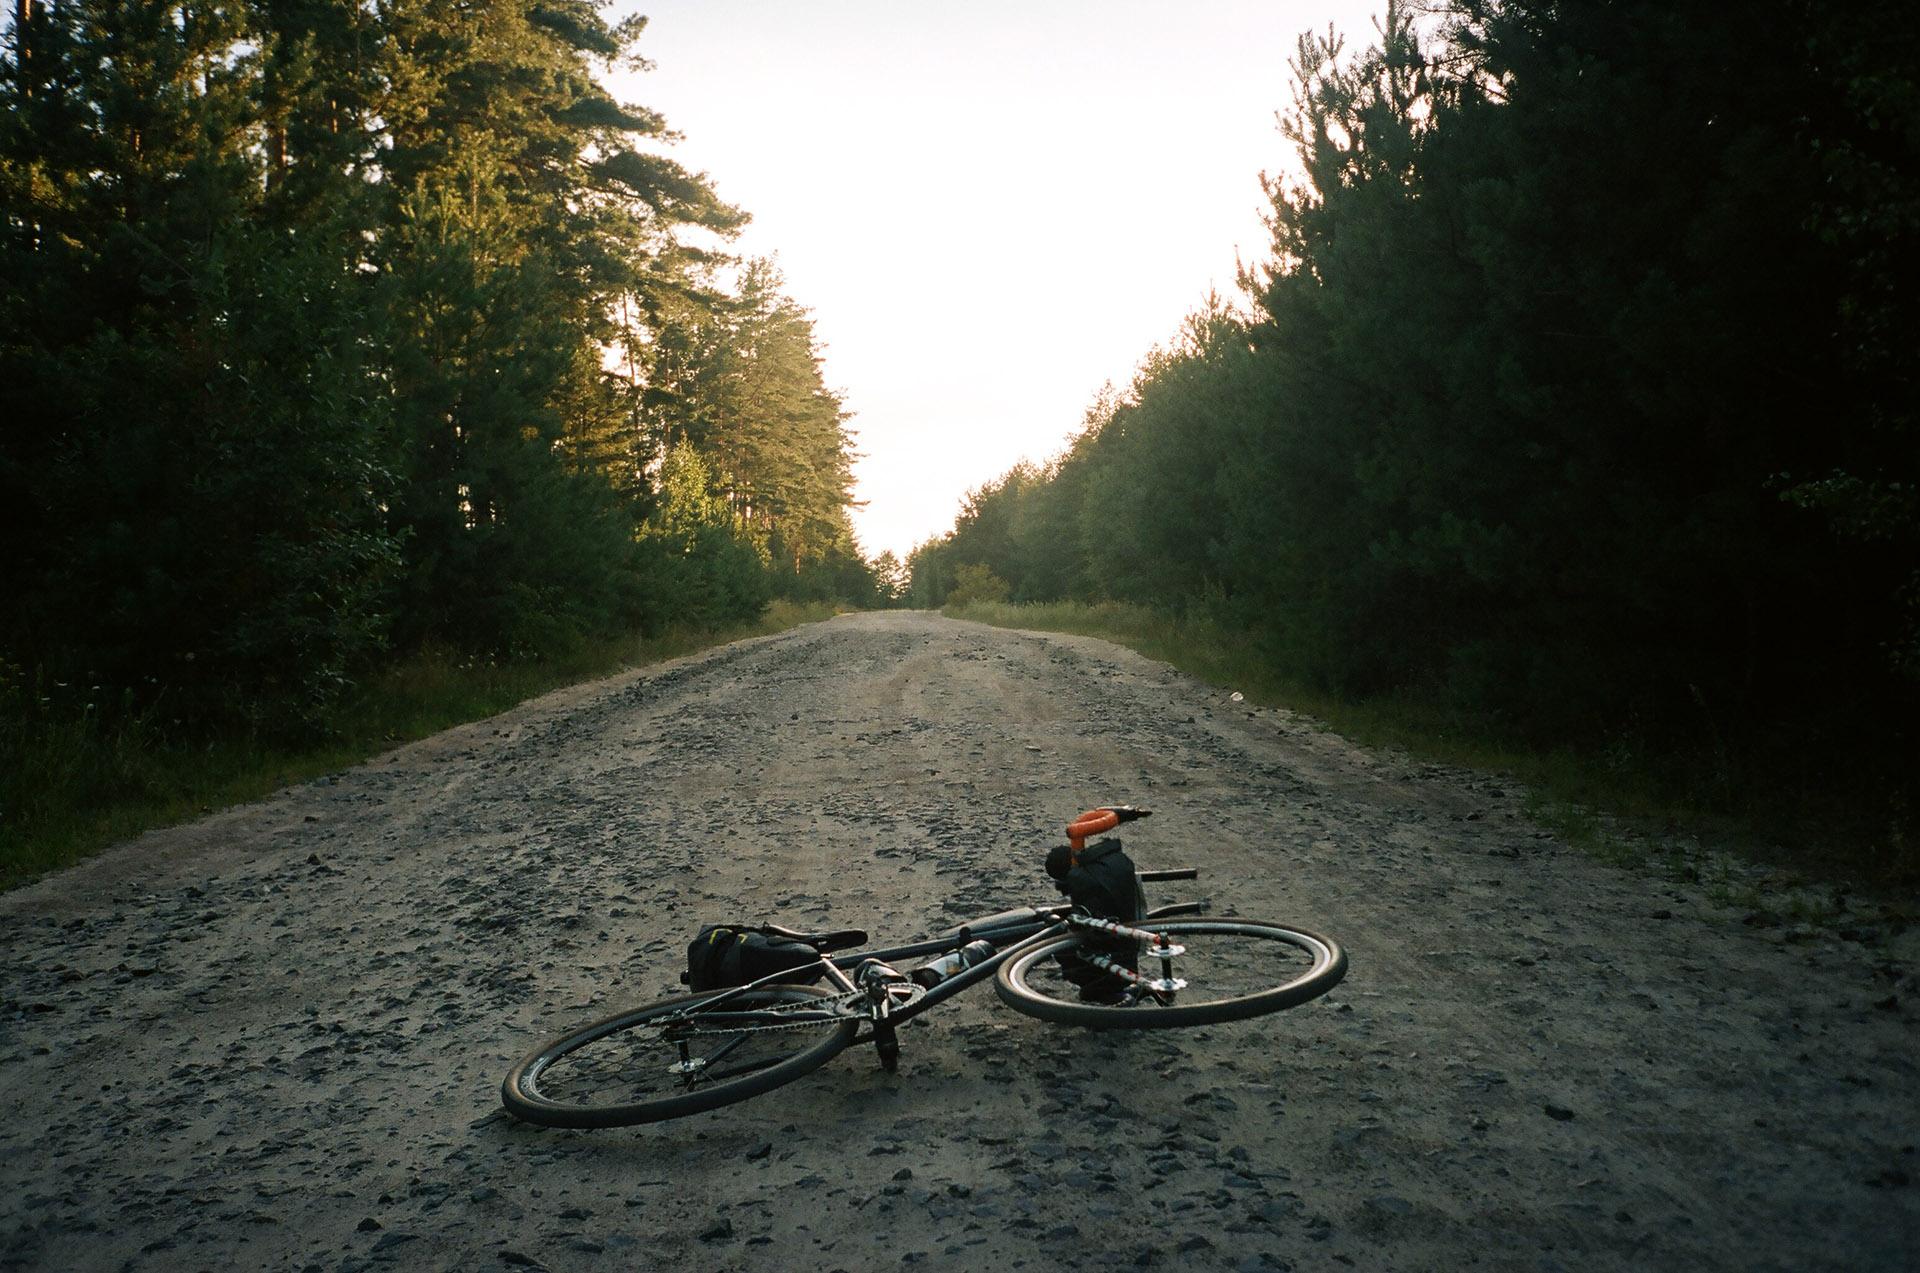 Людина їде на мотоциклі вниз по грунтовій дорозі